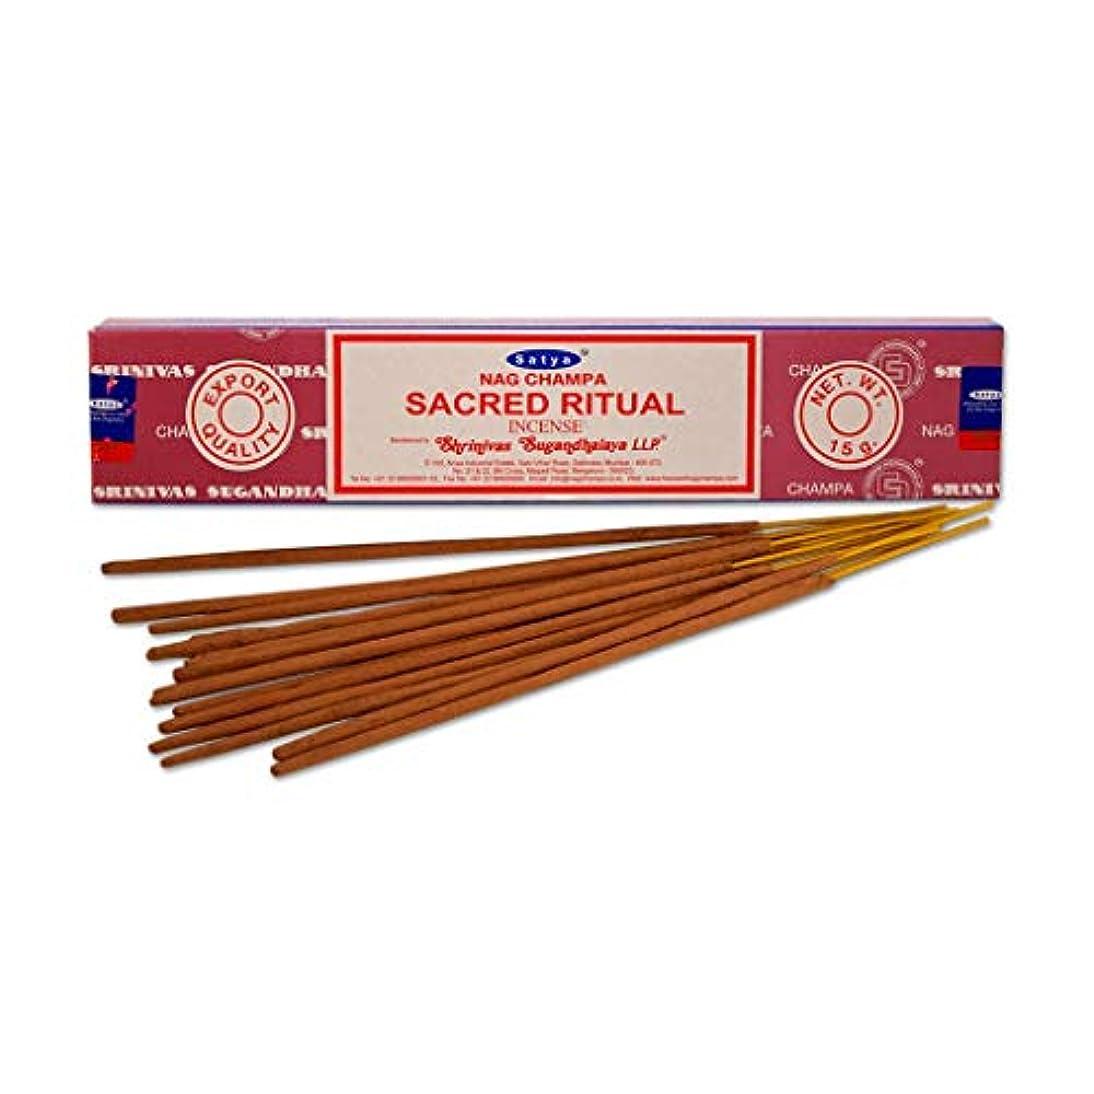 スケッチ引き渡すドアSatya Nag Champa Sacred Ritual お香スティック Agarbatti 180グラムボックス | 15グラム入り12パック 箱入り | 輸出品質